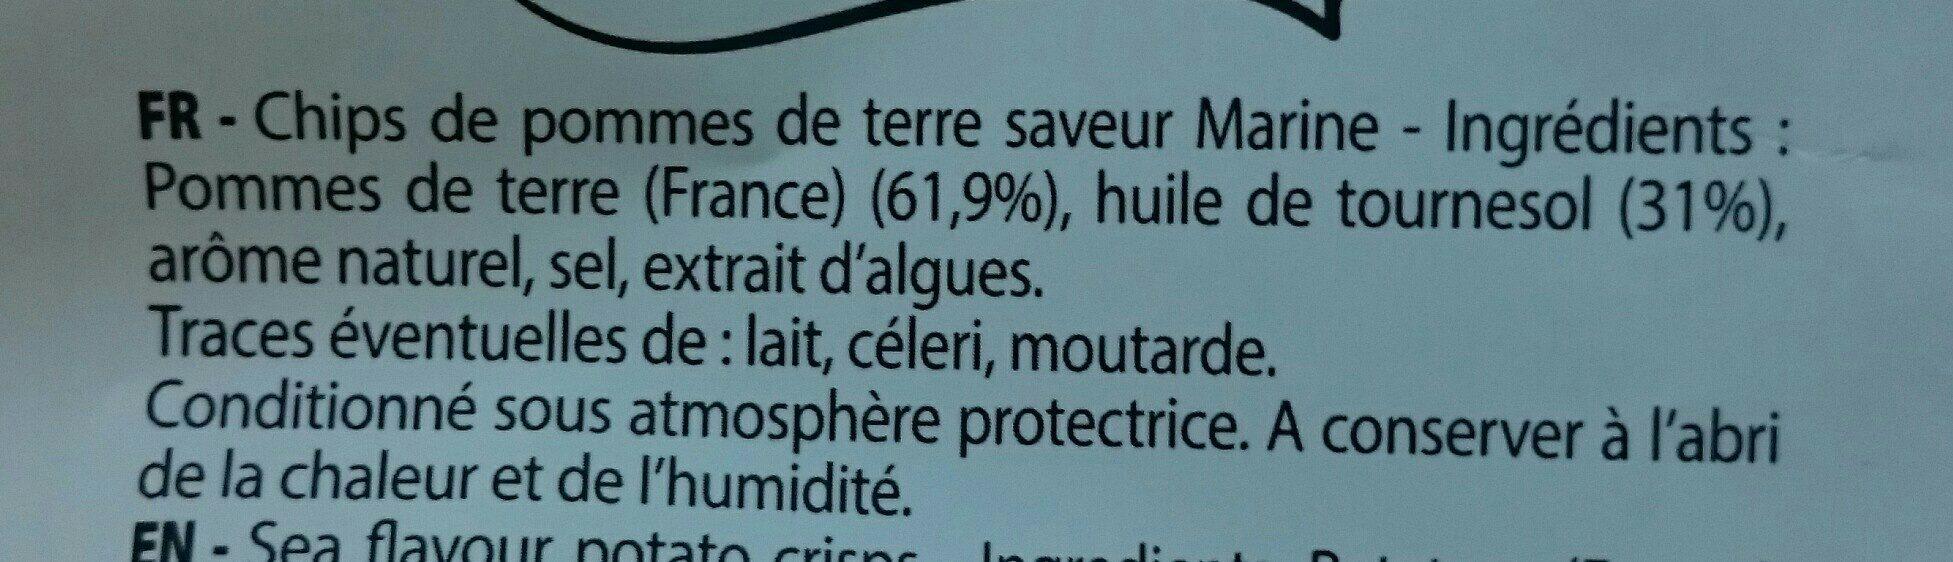 La chips originale française - Ingrédients